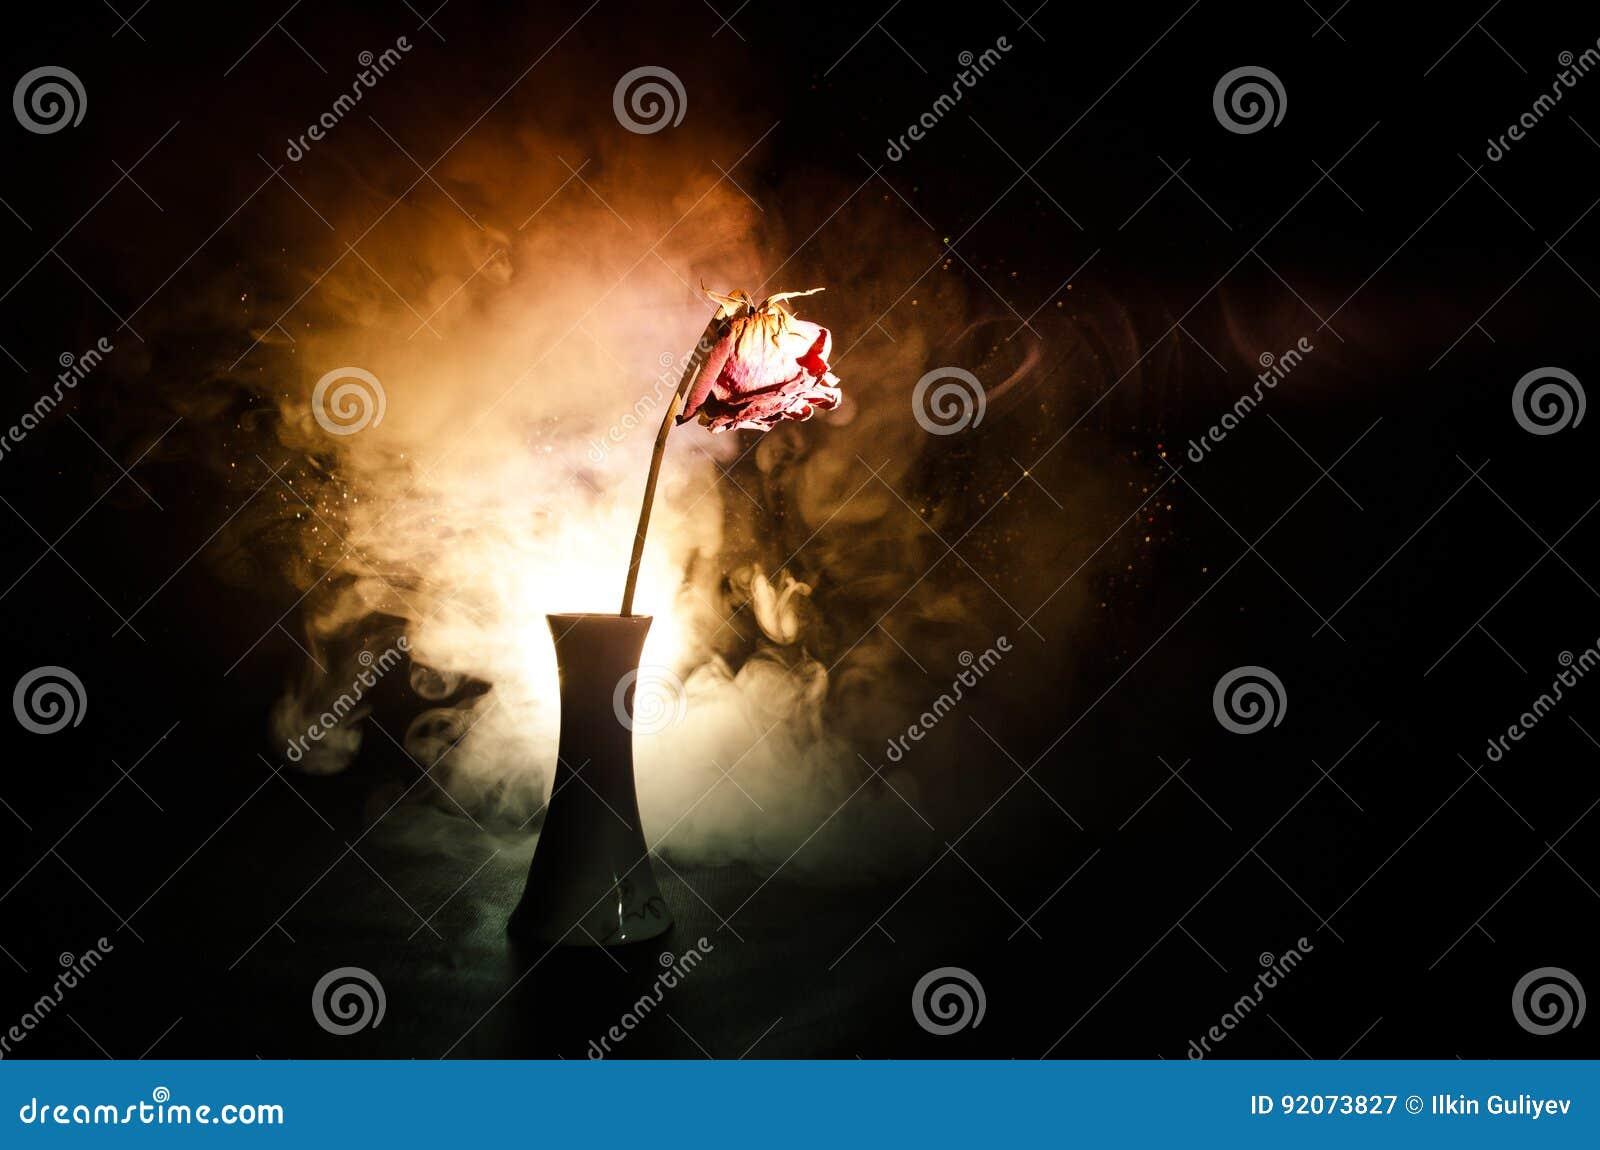 Uma rosa murchando significa amor perdido, divórcio, ou um relacionamento mau, mortos aumentou no fundo escuro